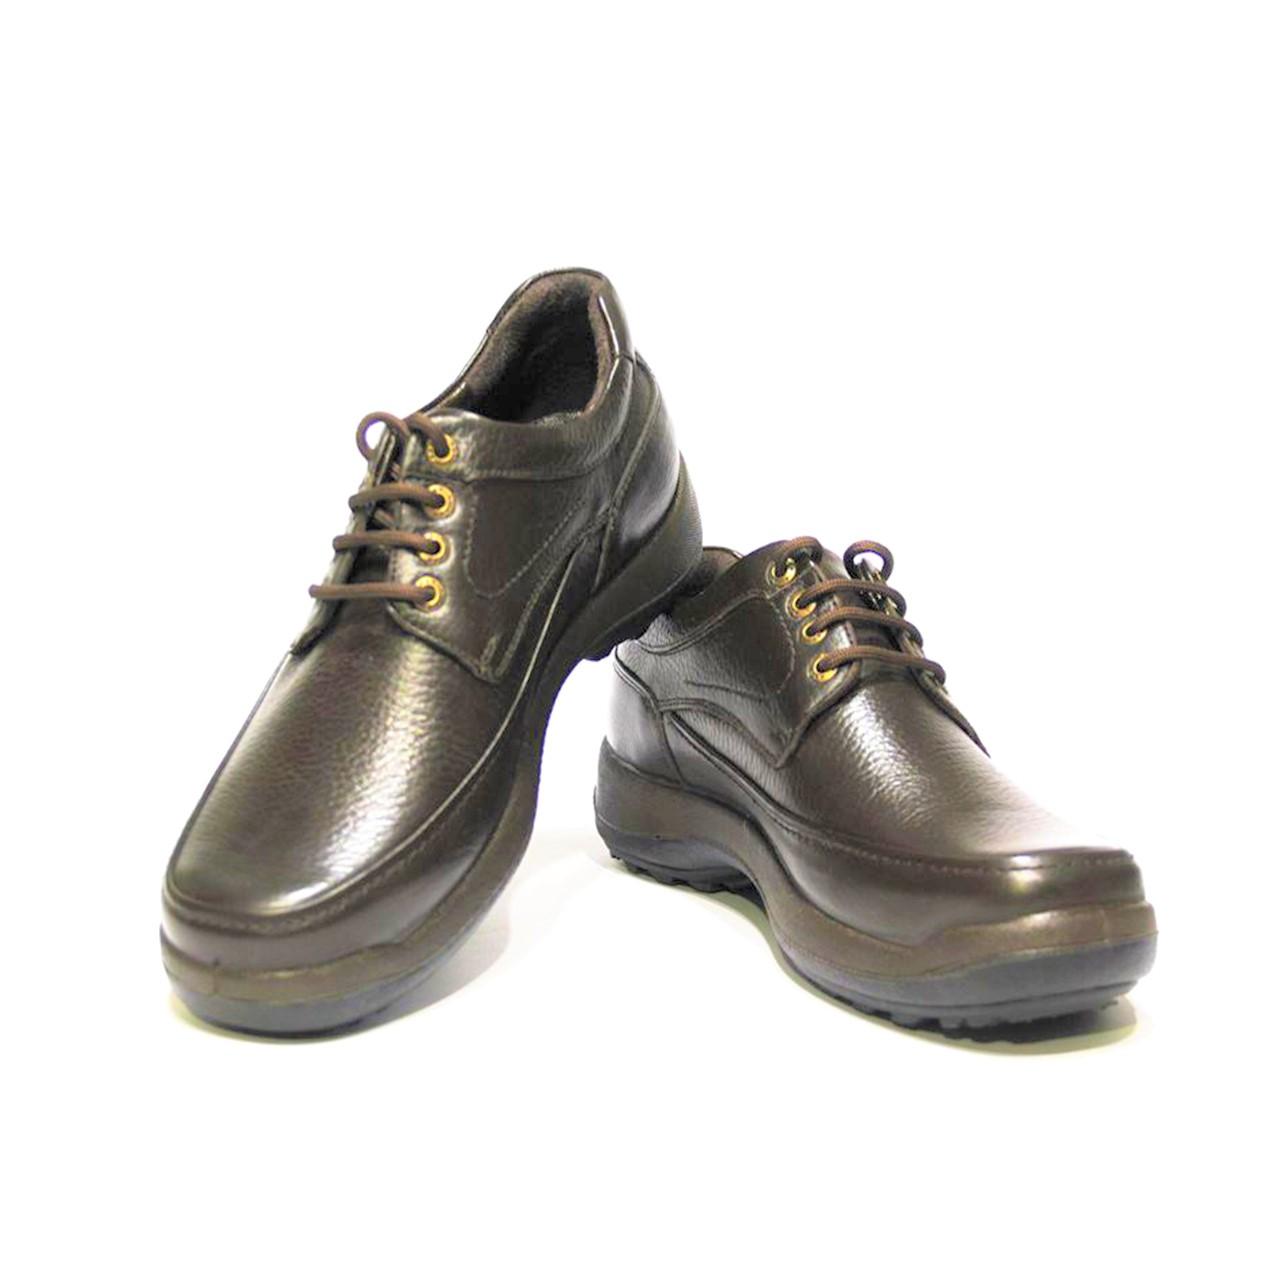 کفش روزمره مردانه فرزین کد mbb002 رنگ قهوه ای -  - 2